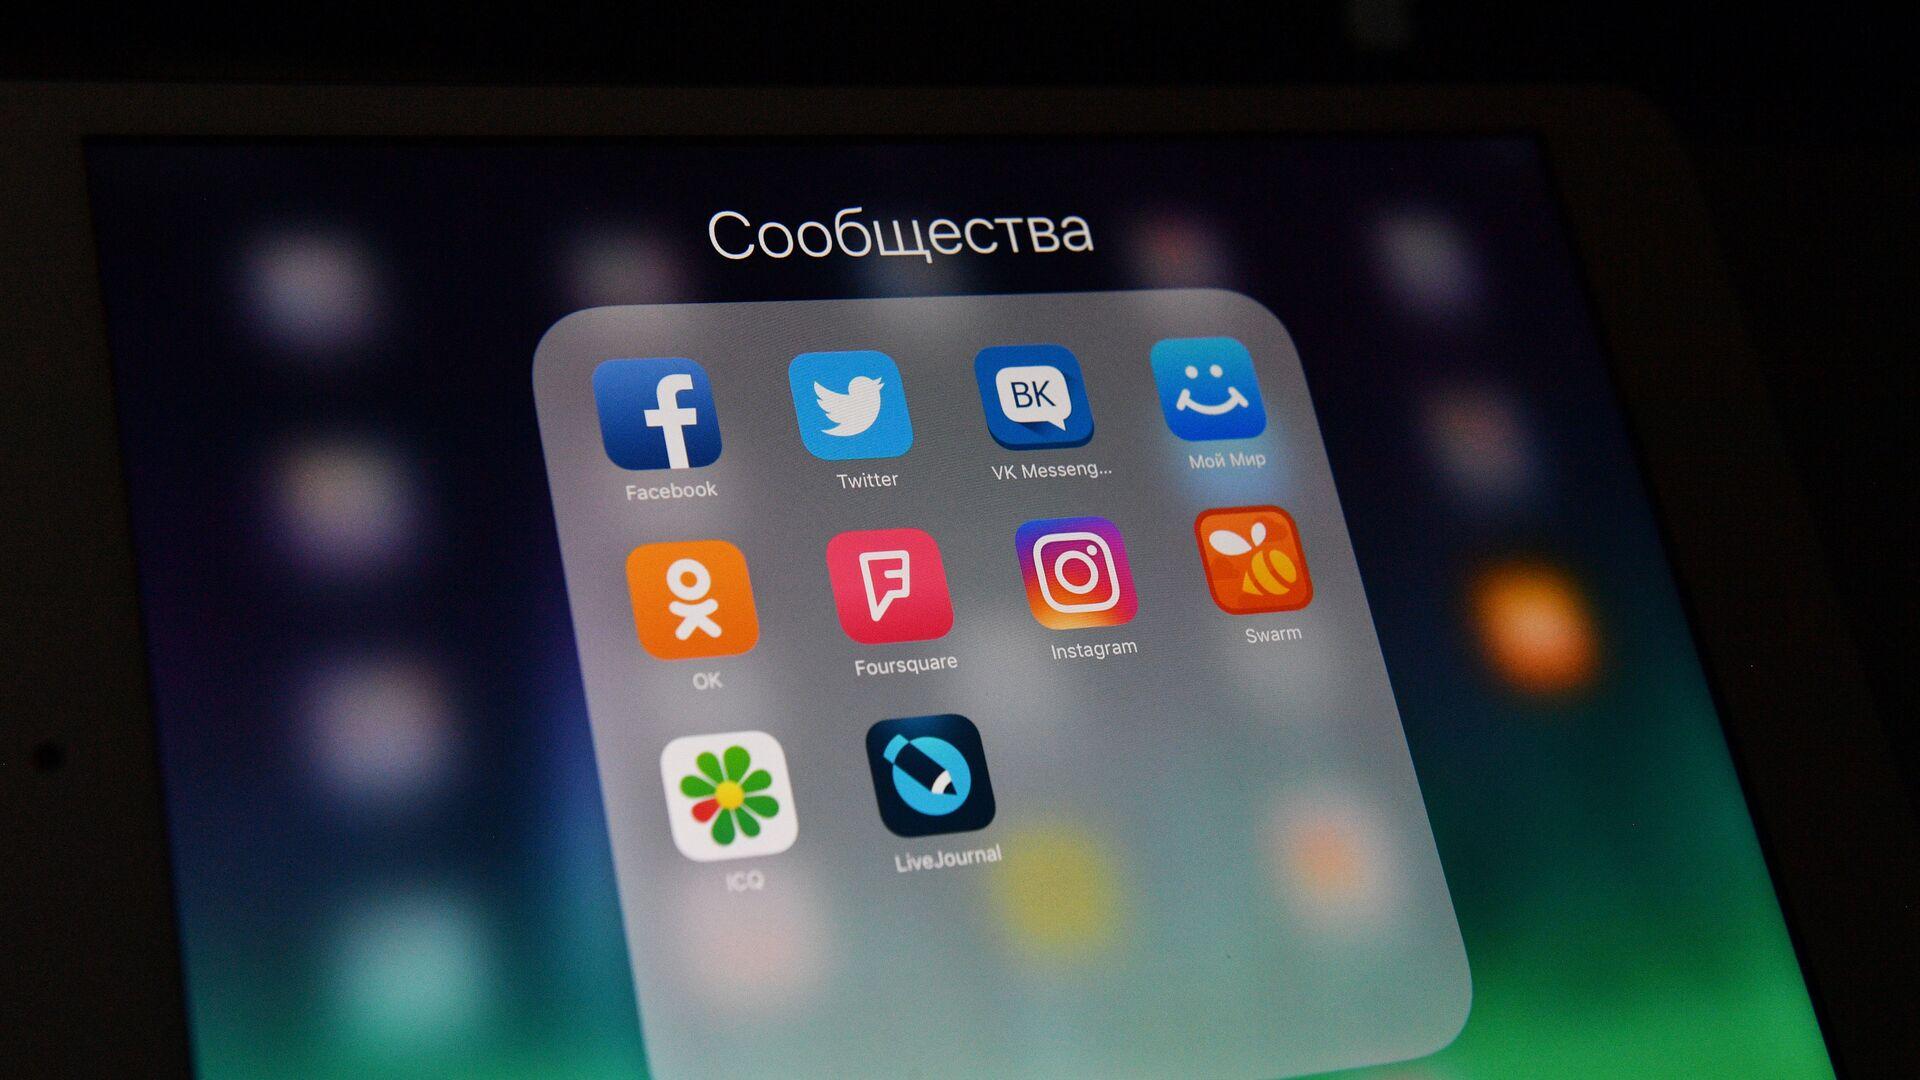 Иконки социальных сетей на экране смартфона - РИА Новости, 1920, 27.10.2020